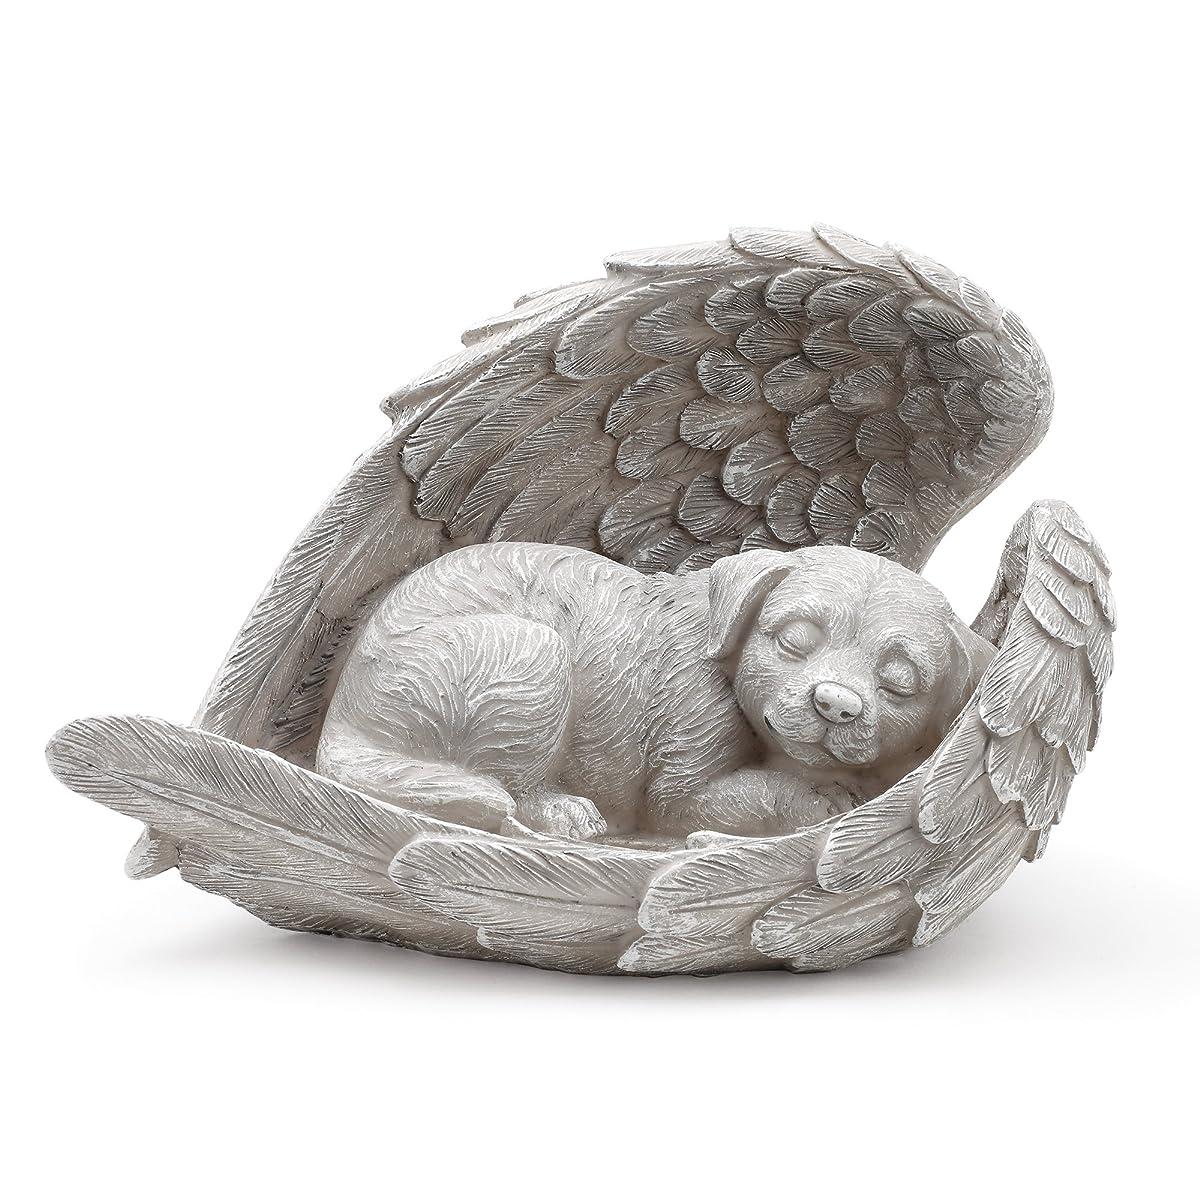 Dog Sleeping in Angel Wings Pet Memorial Statue